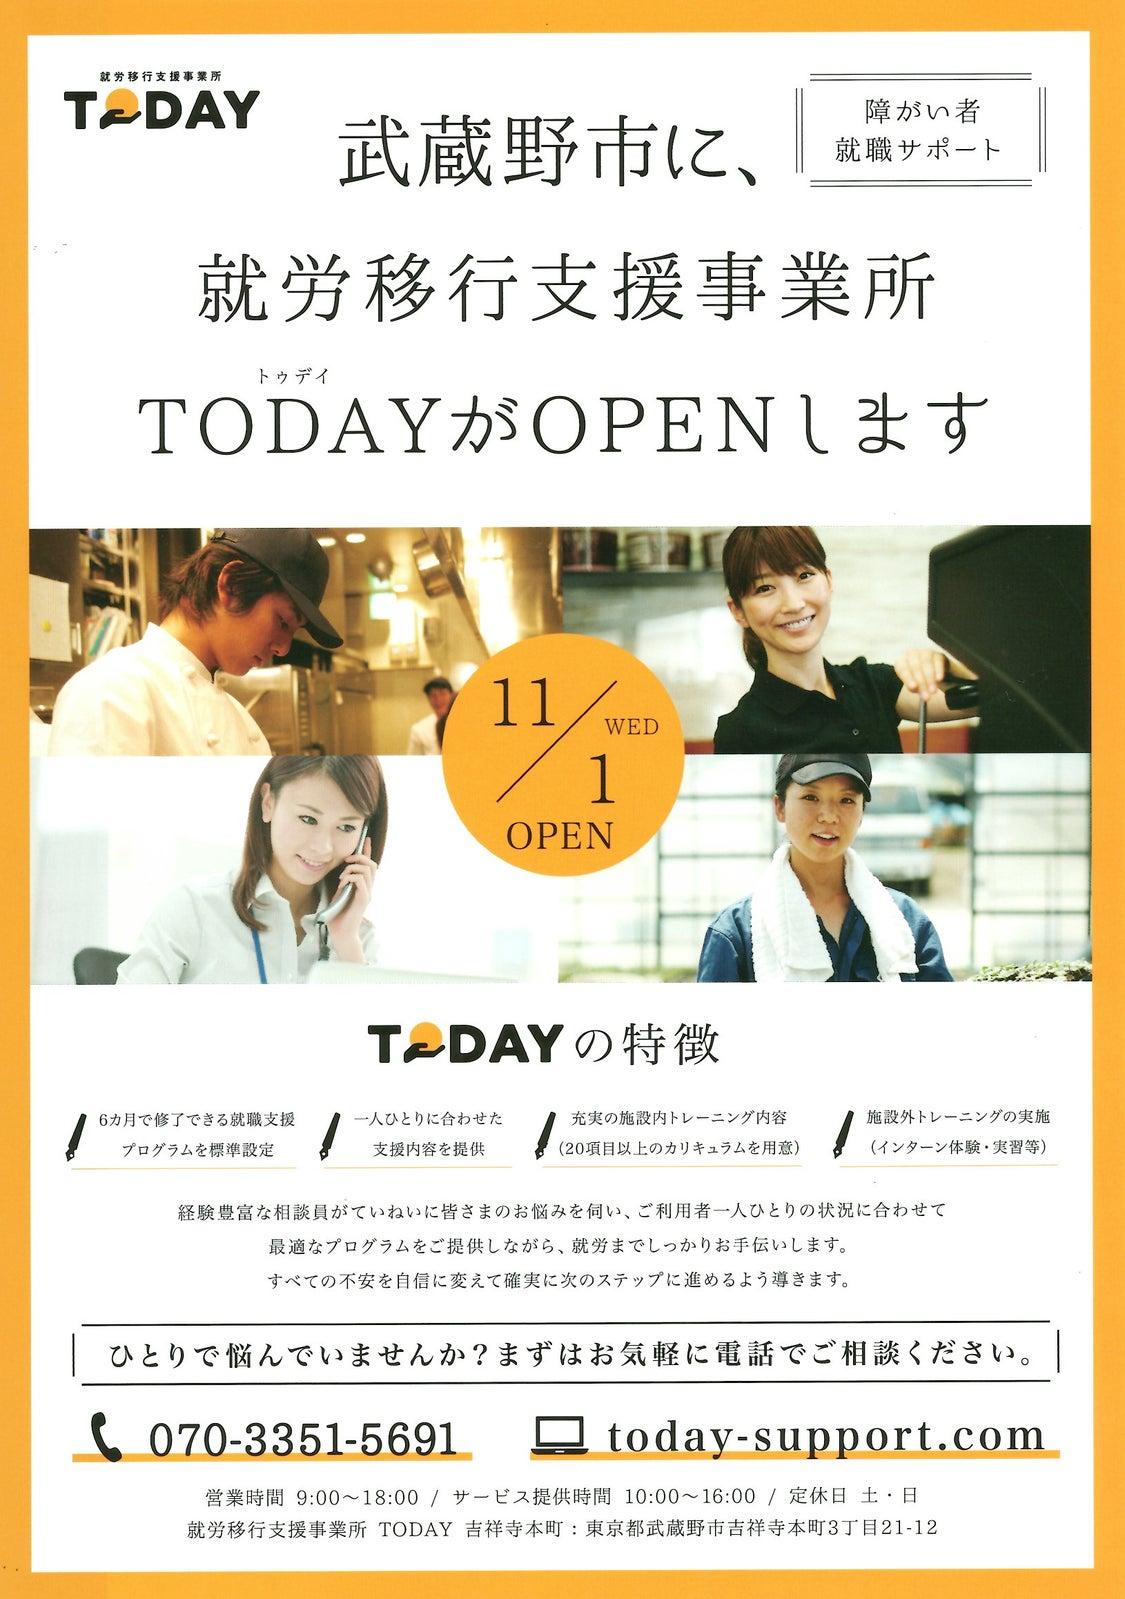 新規開設!! TODAY吉祥寺本町 内覧会のお知らせの記事より